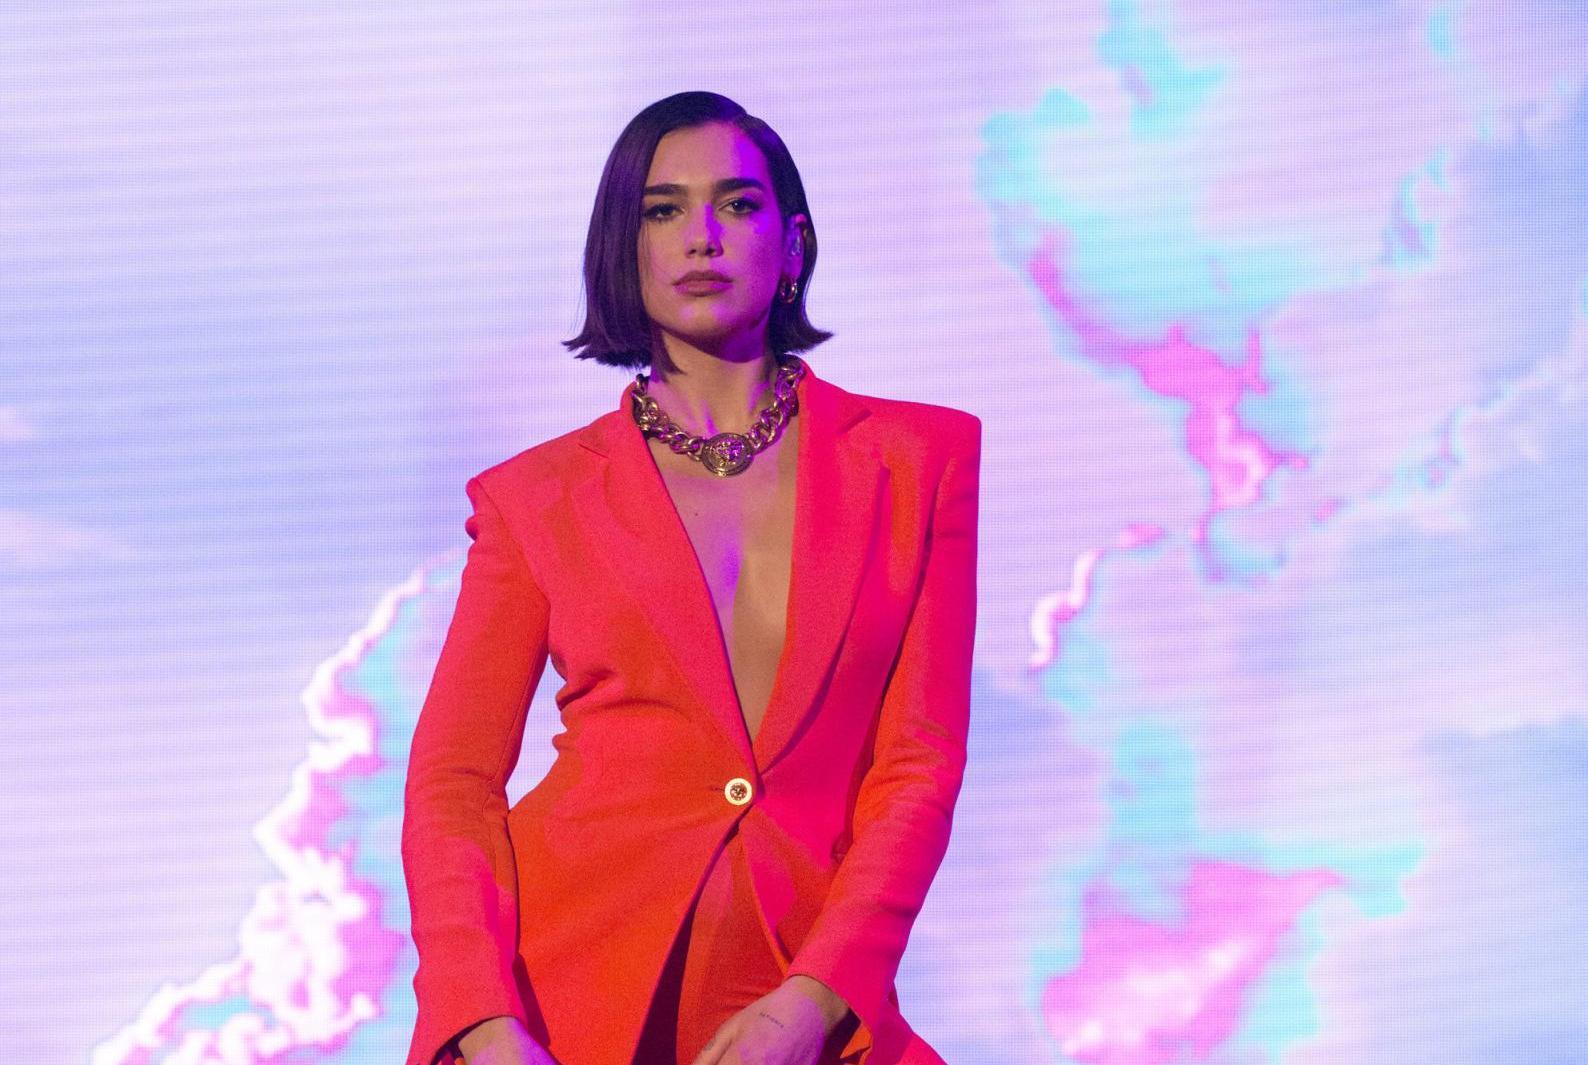 LIVE Sanremo 2020 in DIRETTA: 7 febbraio. Si proclama il vincitore dei Giovani! Votano i giornalisti, classifica stravolta nei big?